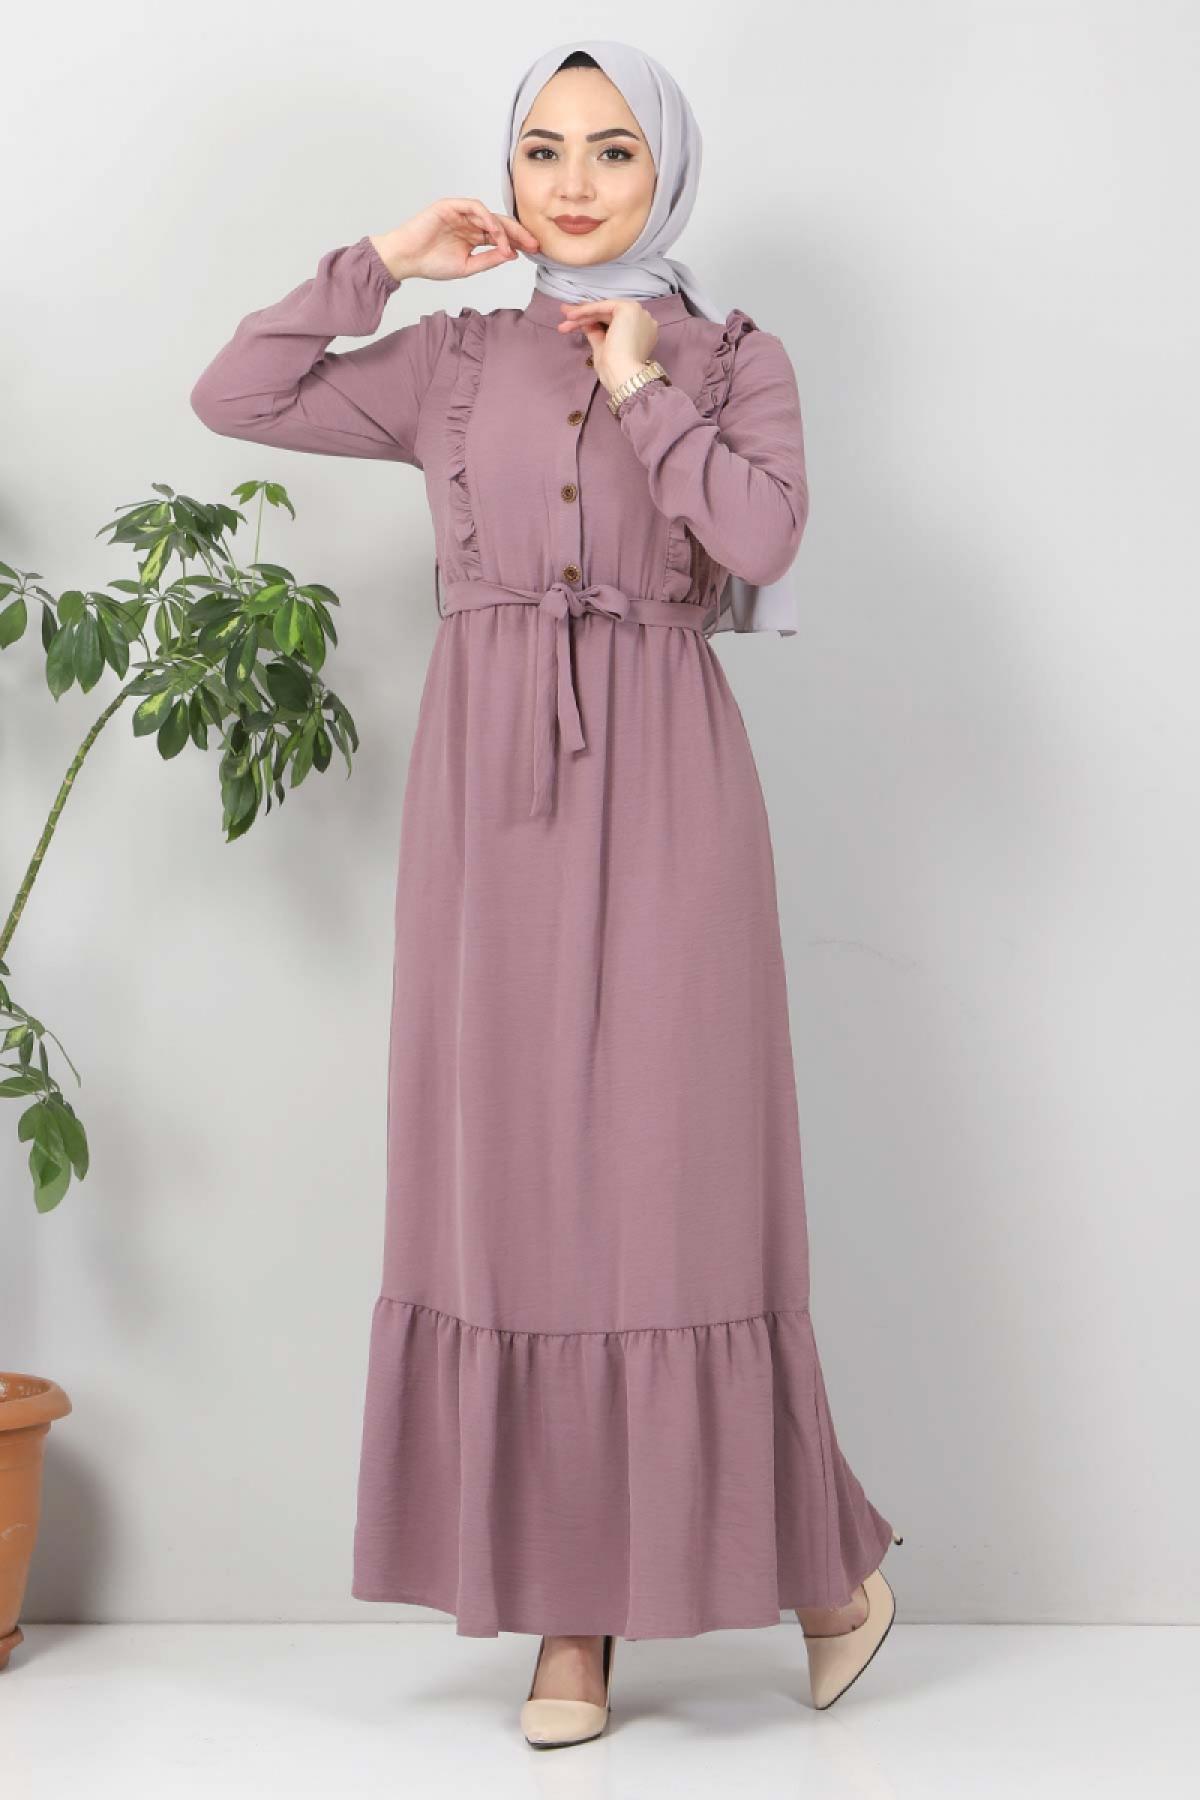 Önü Fırfırlı Ayrobin Elbise TSD11011 Açık Mor